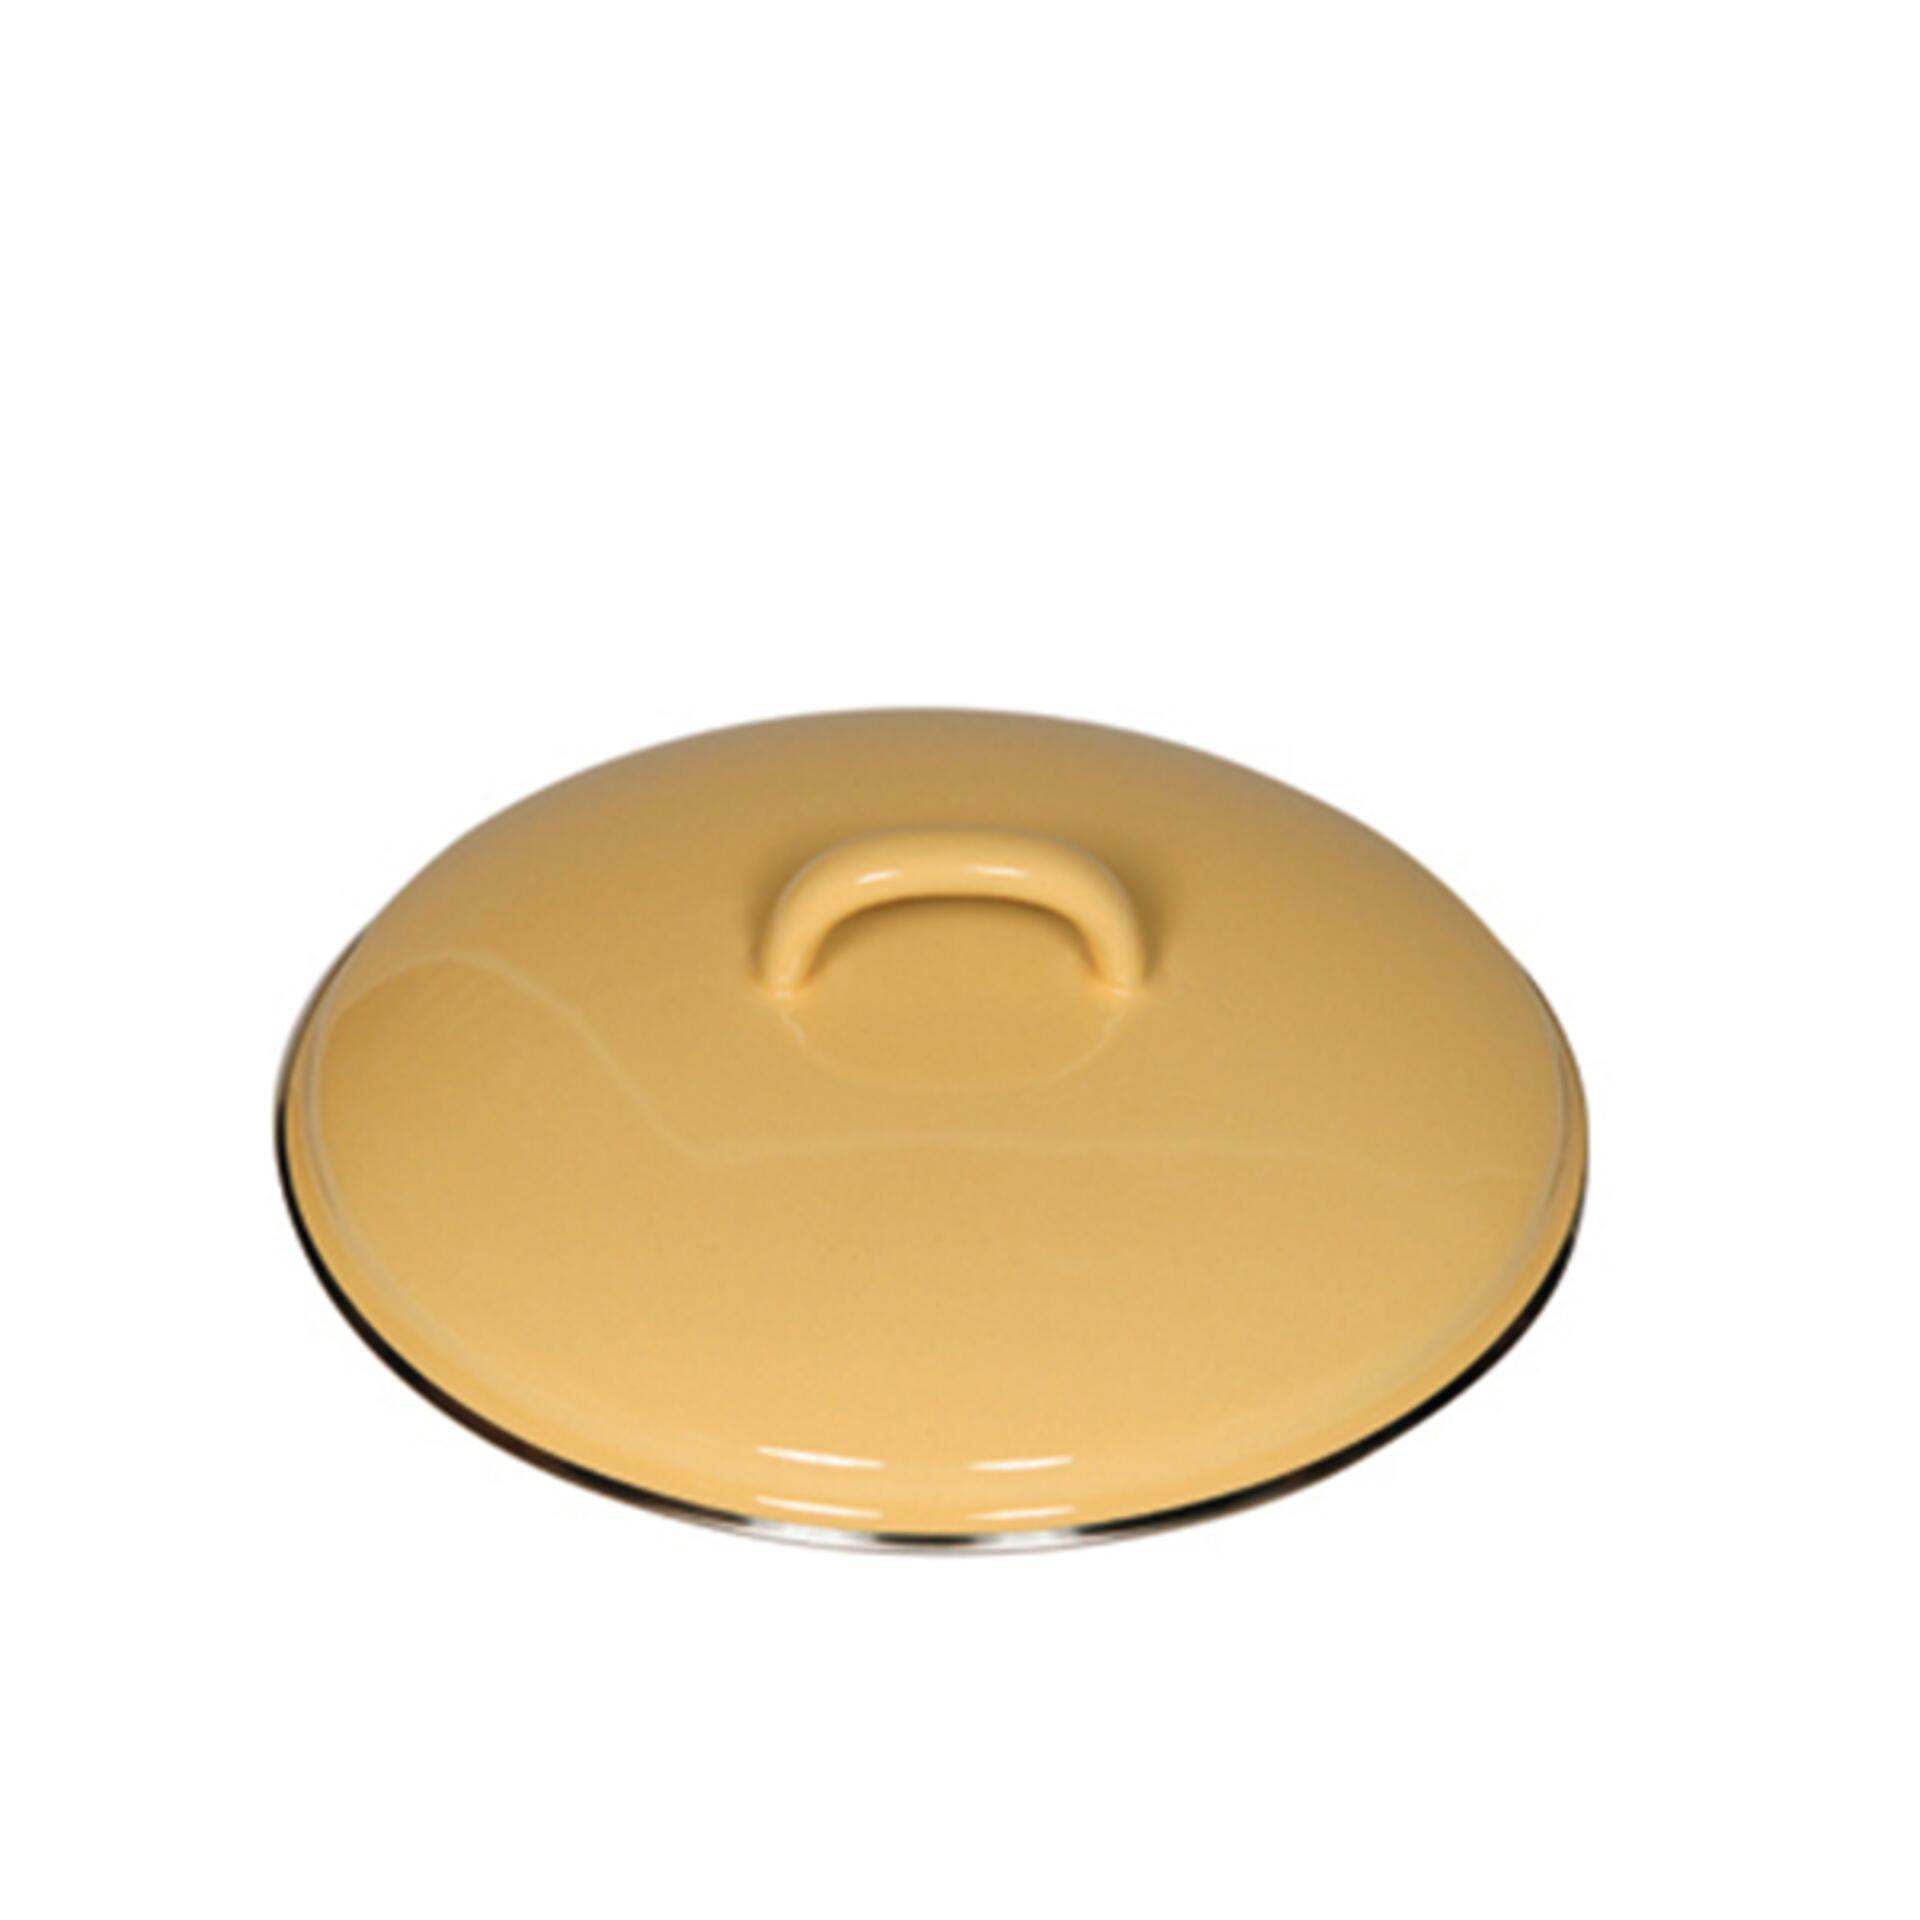 Riess Deckel aus Emaille 20 cm Goldgelb